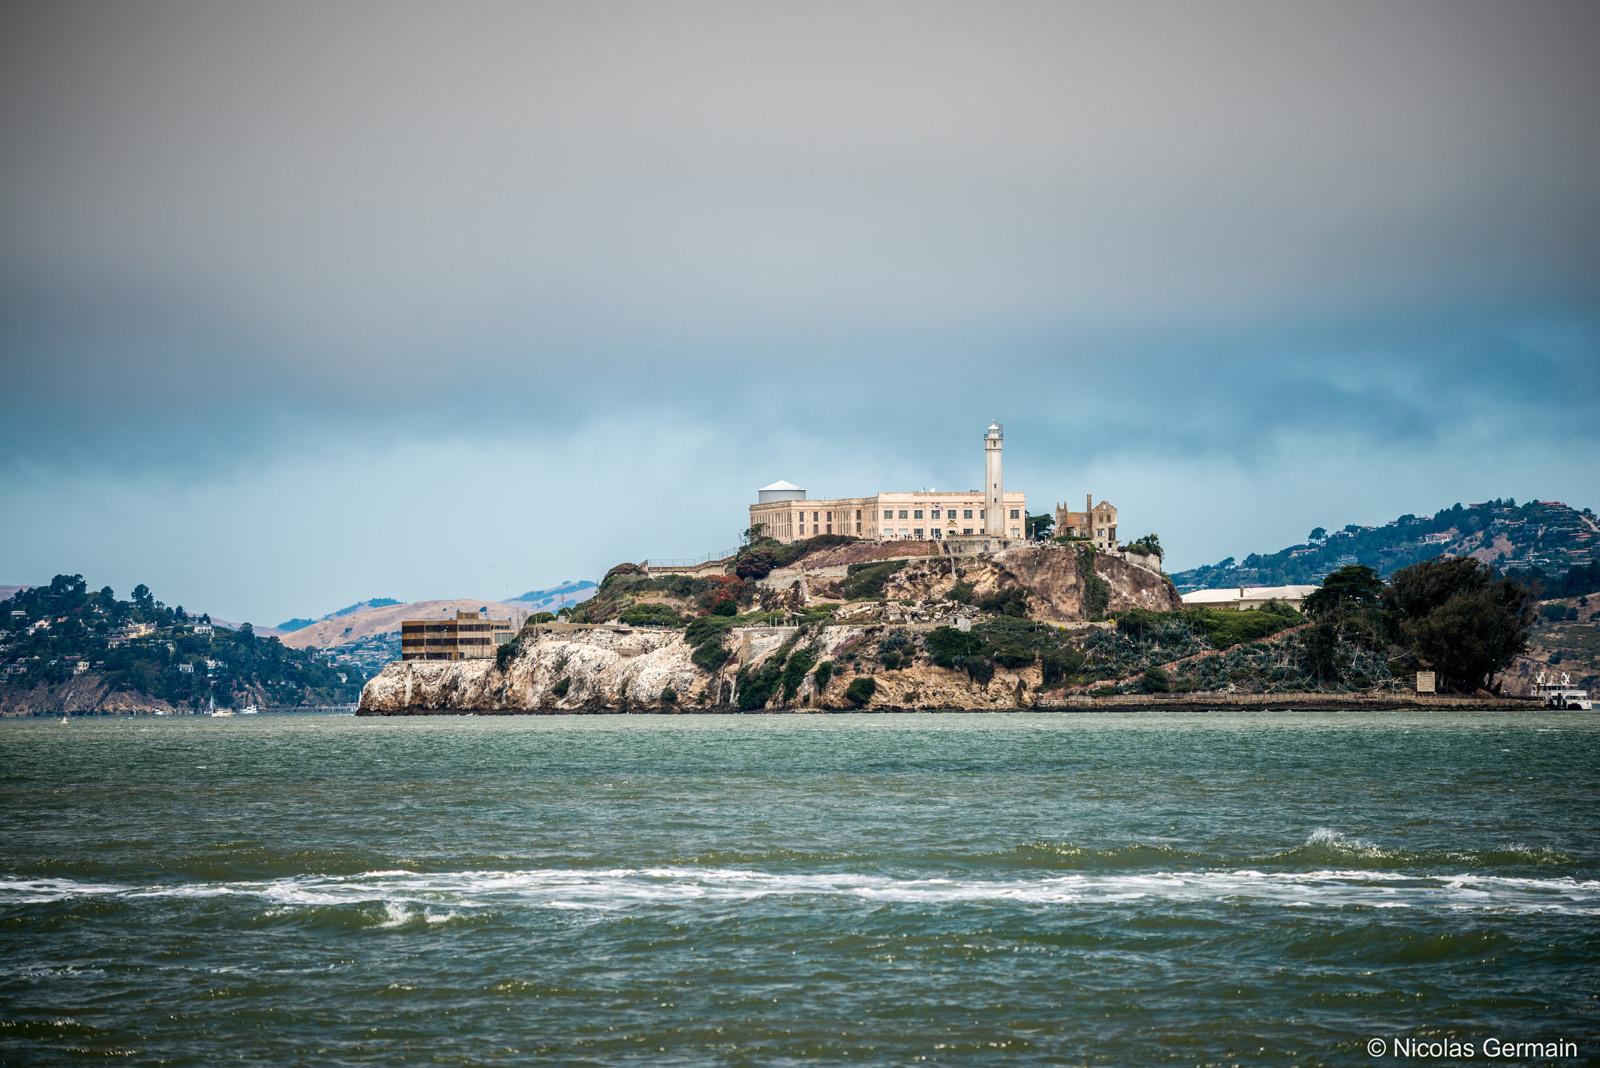 L'île prison d'Alcatraz dans la baie de San Francsico